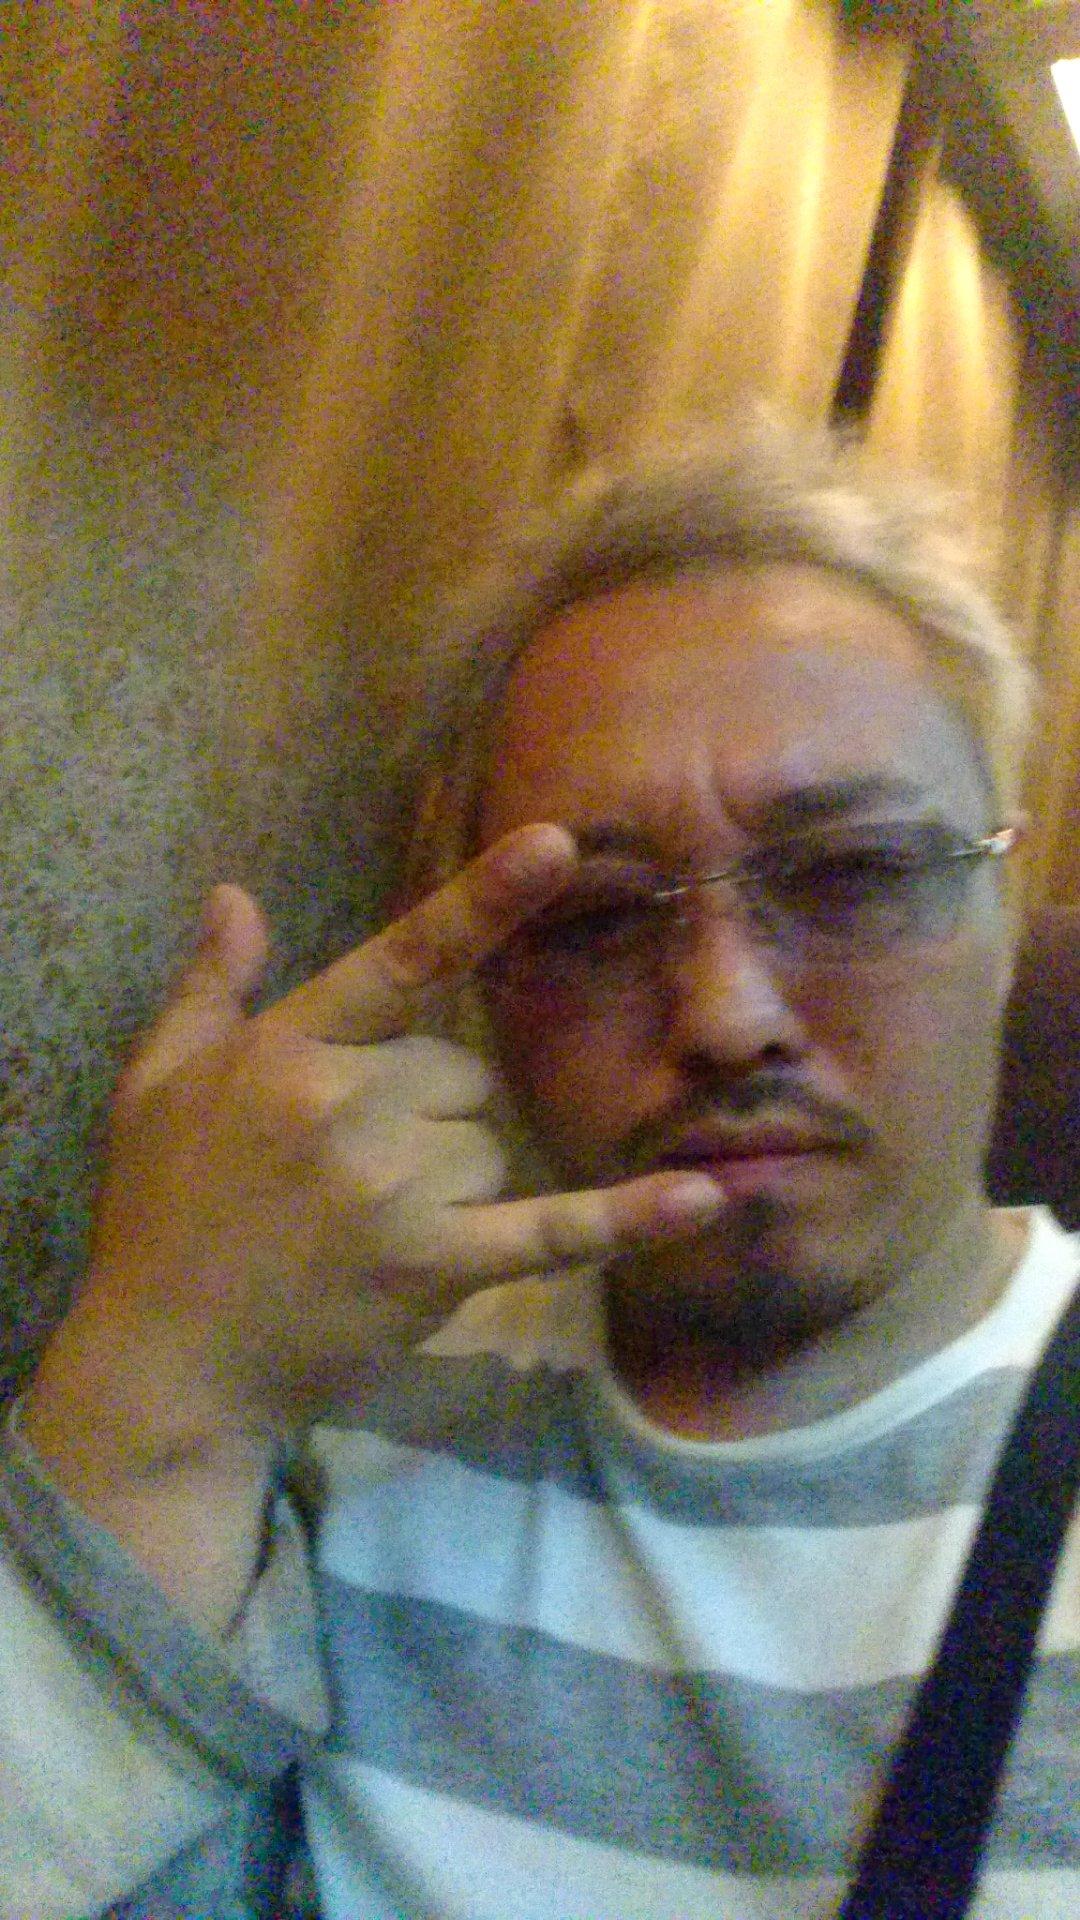 画像,いざ金沢へ!!あれ??トイレ無いんですけど😅😅 https://t.co/Kjlp8AJvt8。